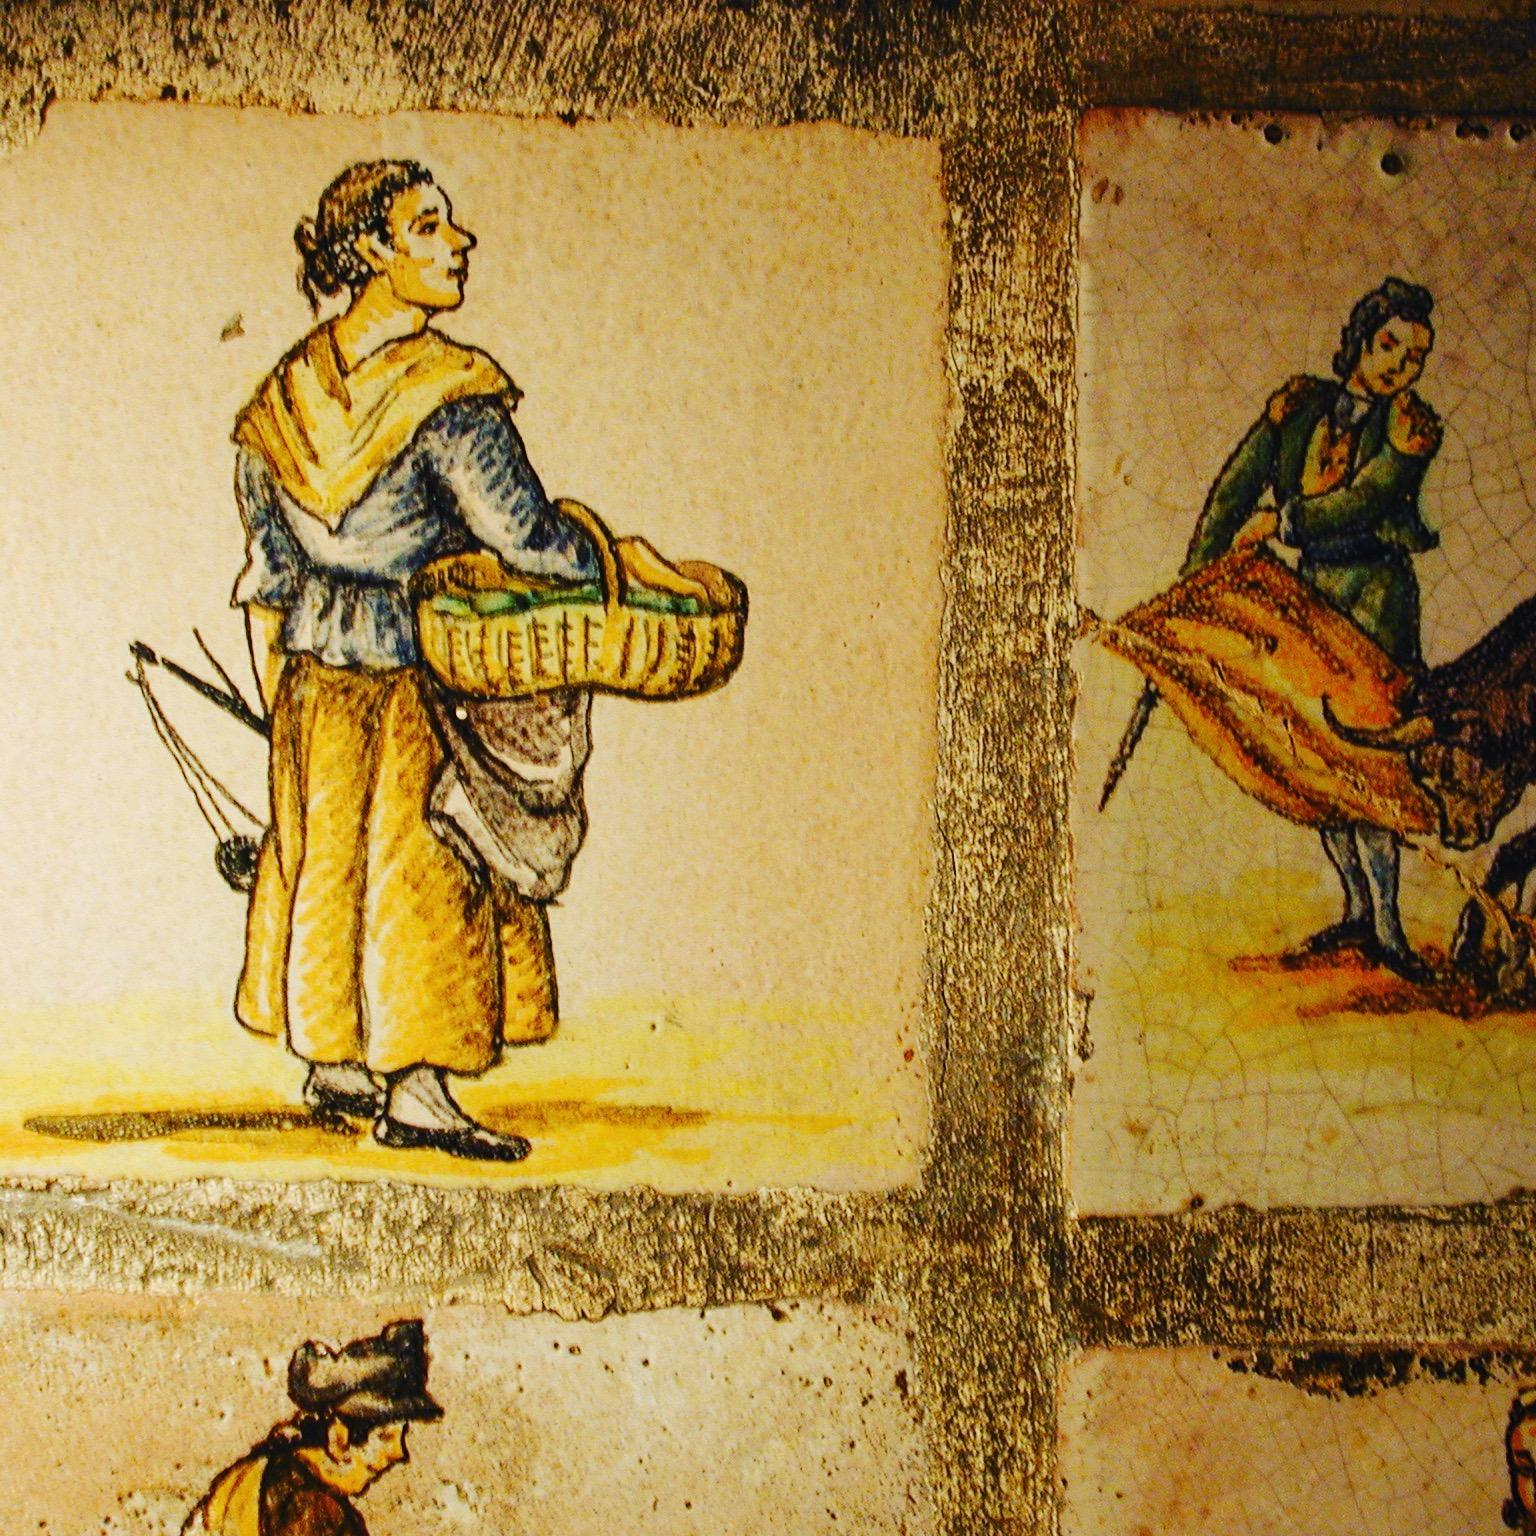 Испанская плитка XVIII века, изображающая ремесленное мастерство